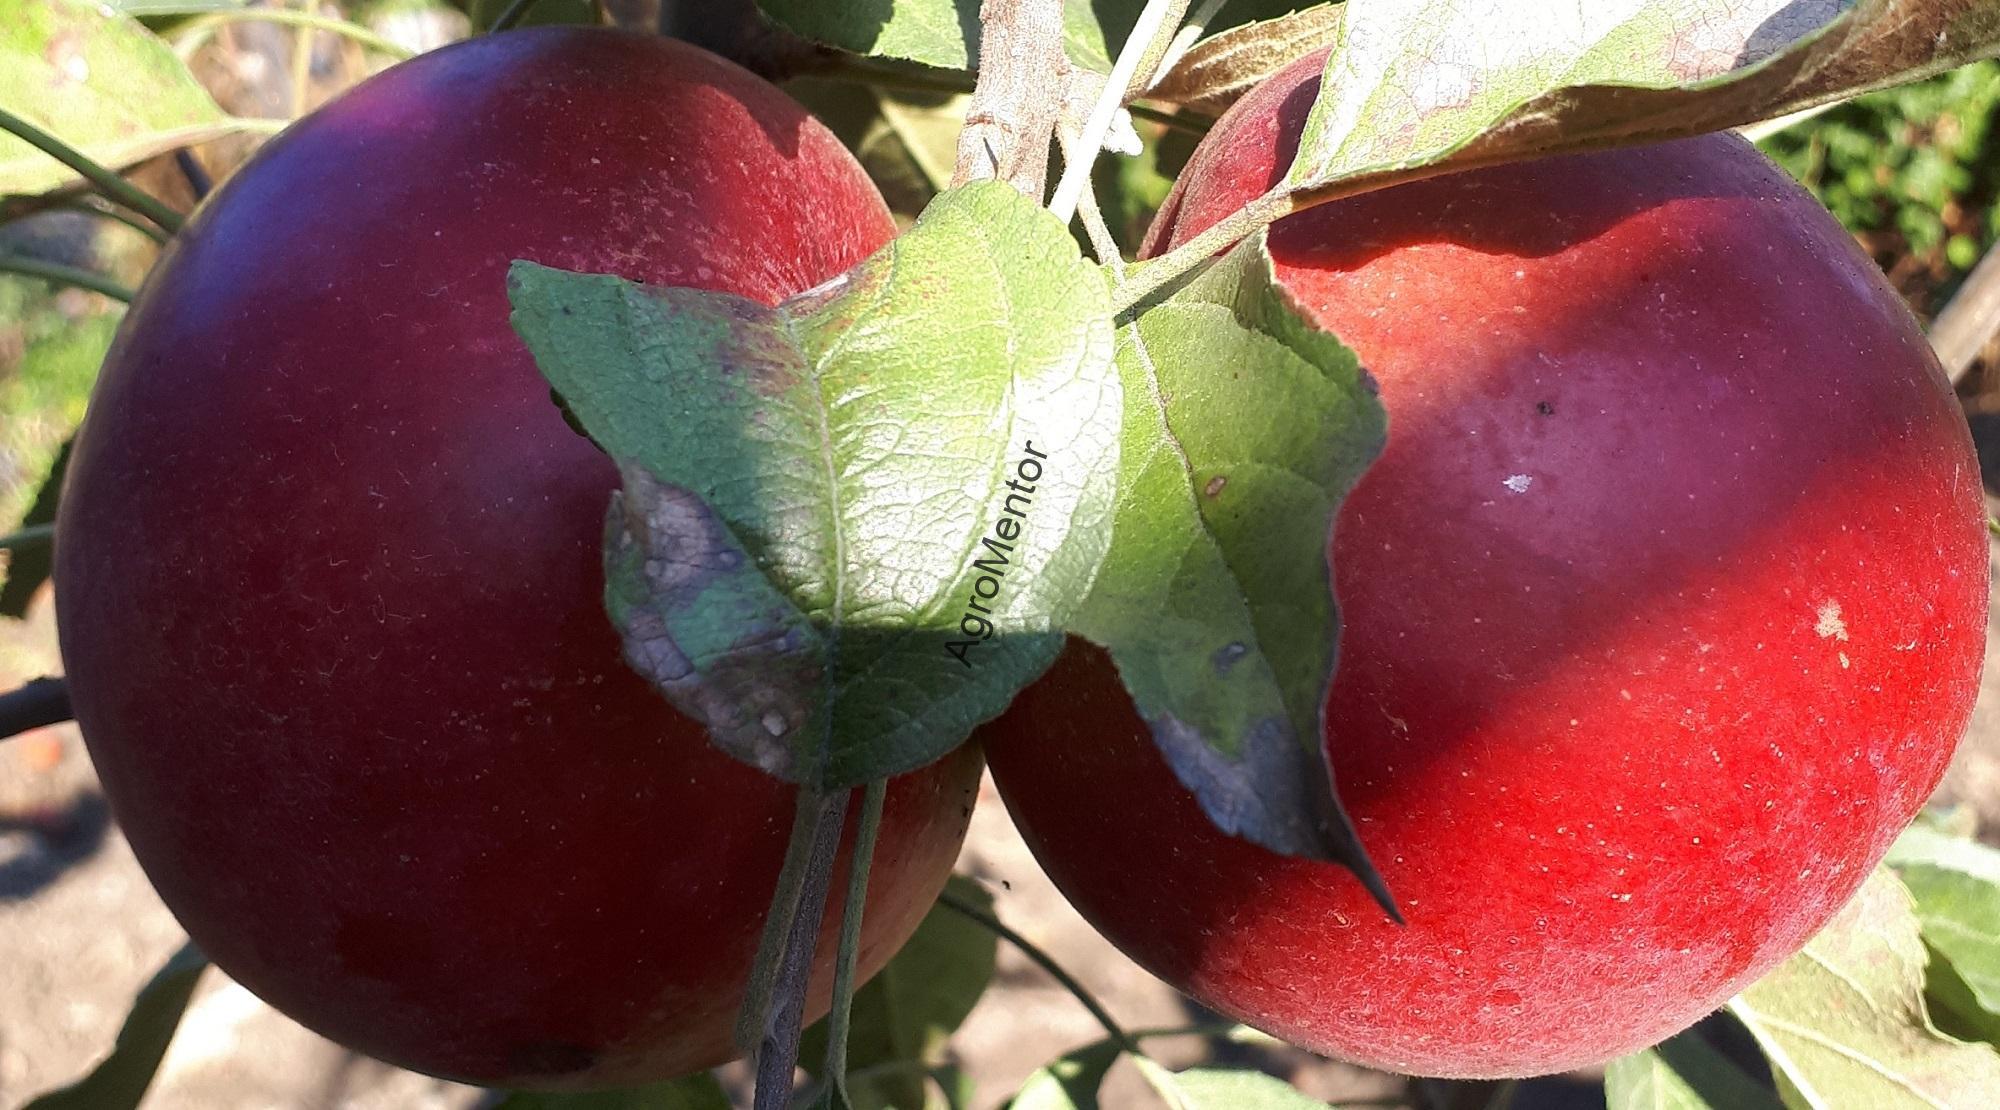 tratamentul artrozei cu un măr adam